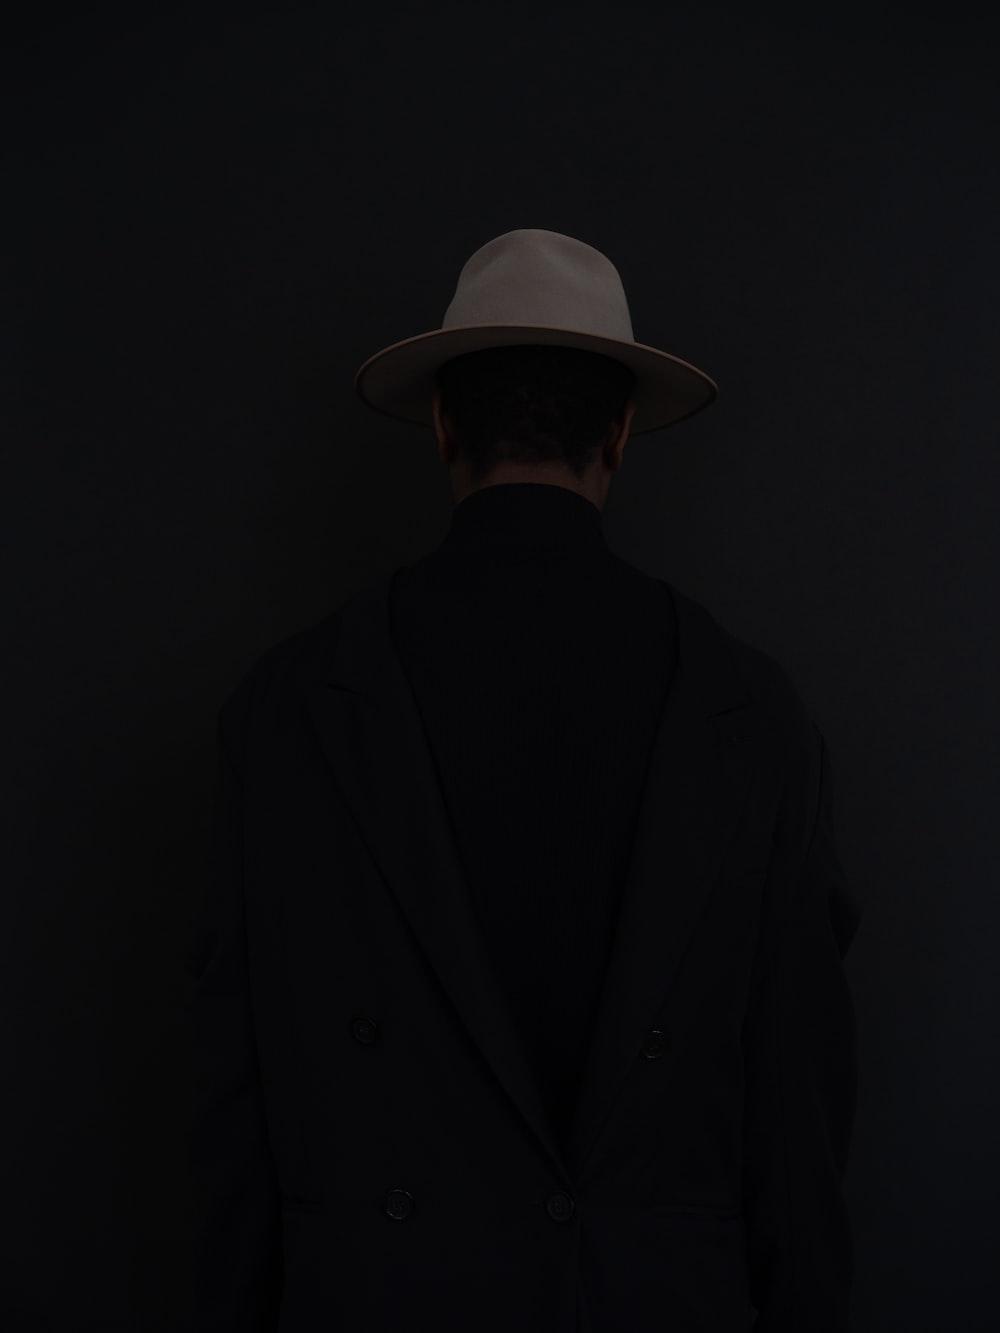 man in black suit wearing white fedora hat